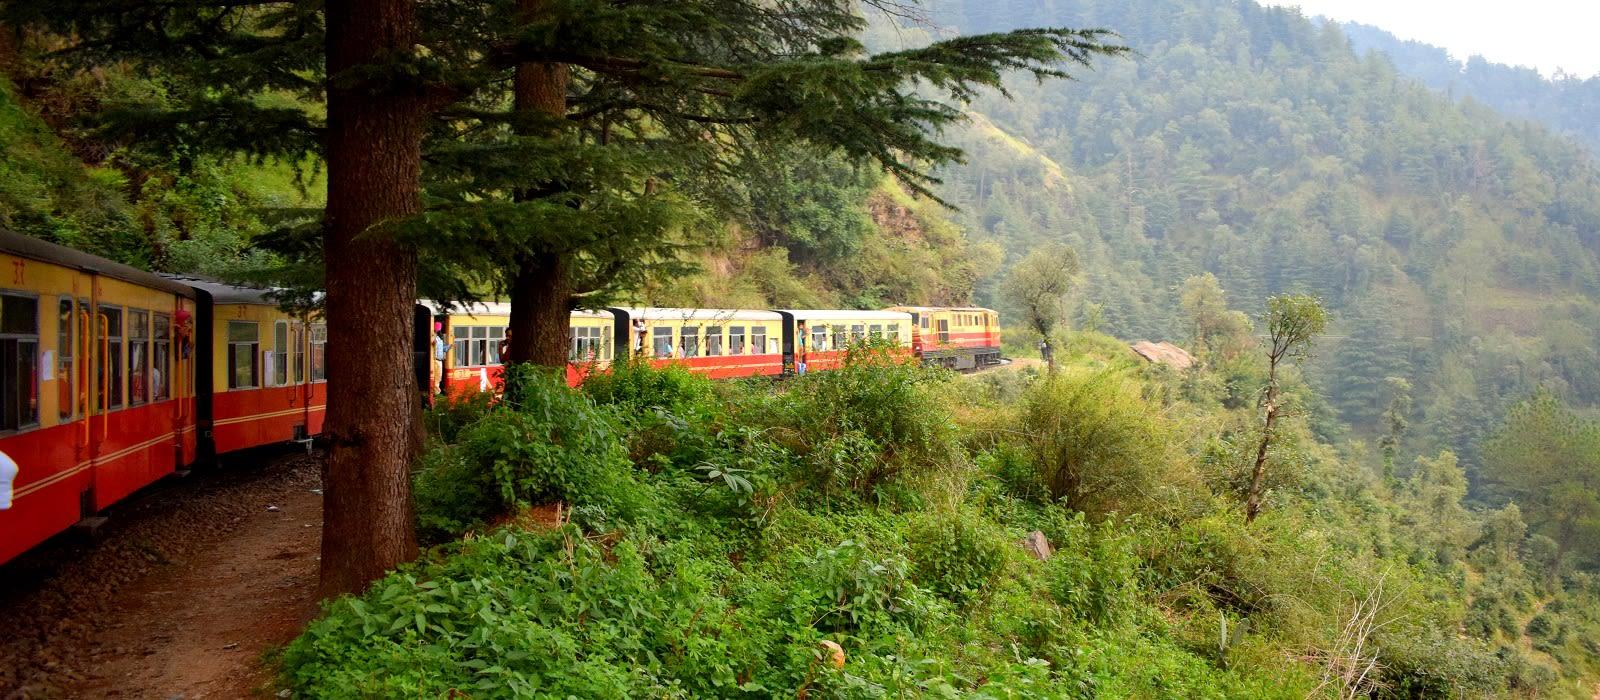 Indiens prächtiger Norden: Kolonialer Glanz und spirituelles Erbe Urlaub 1